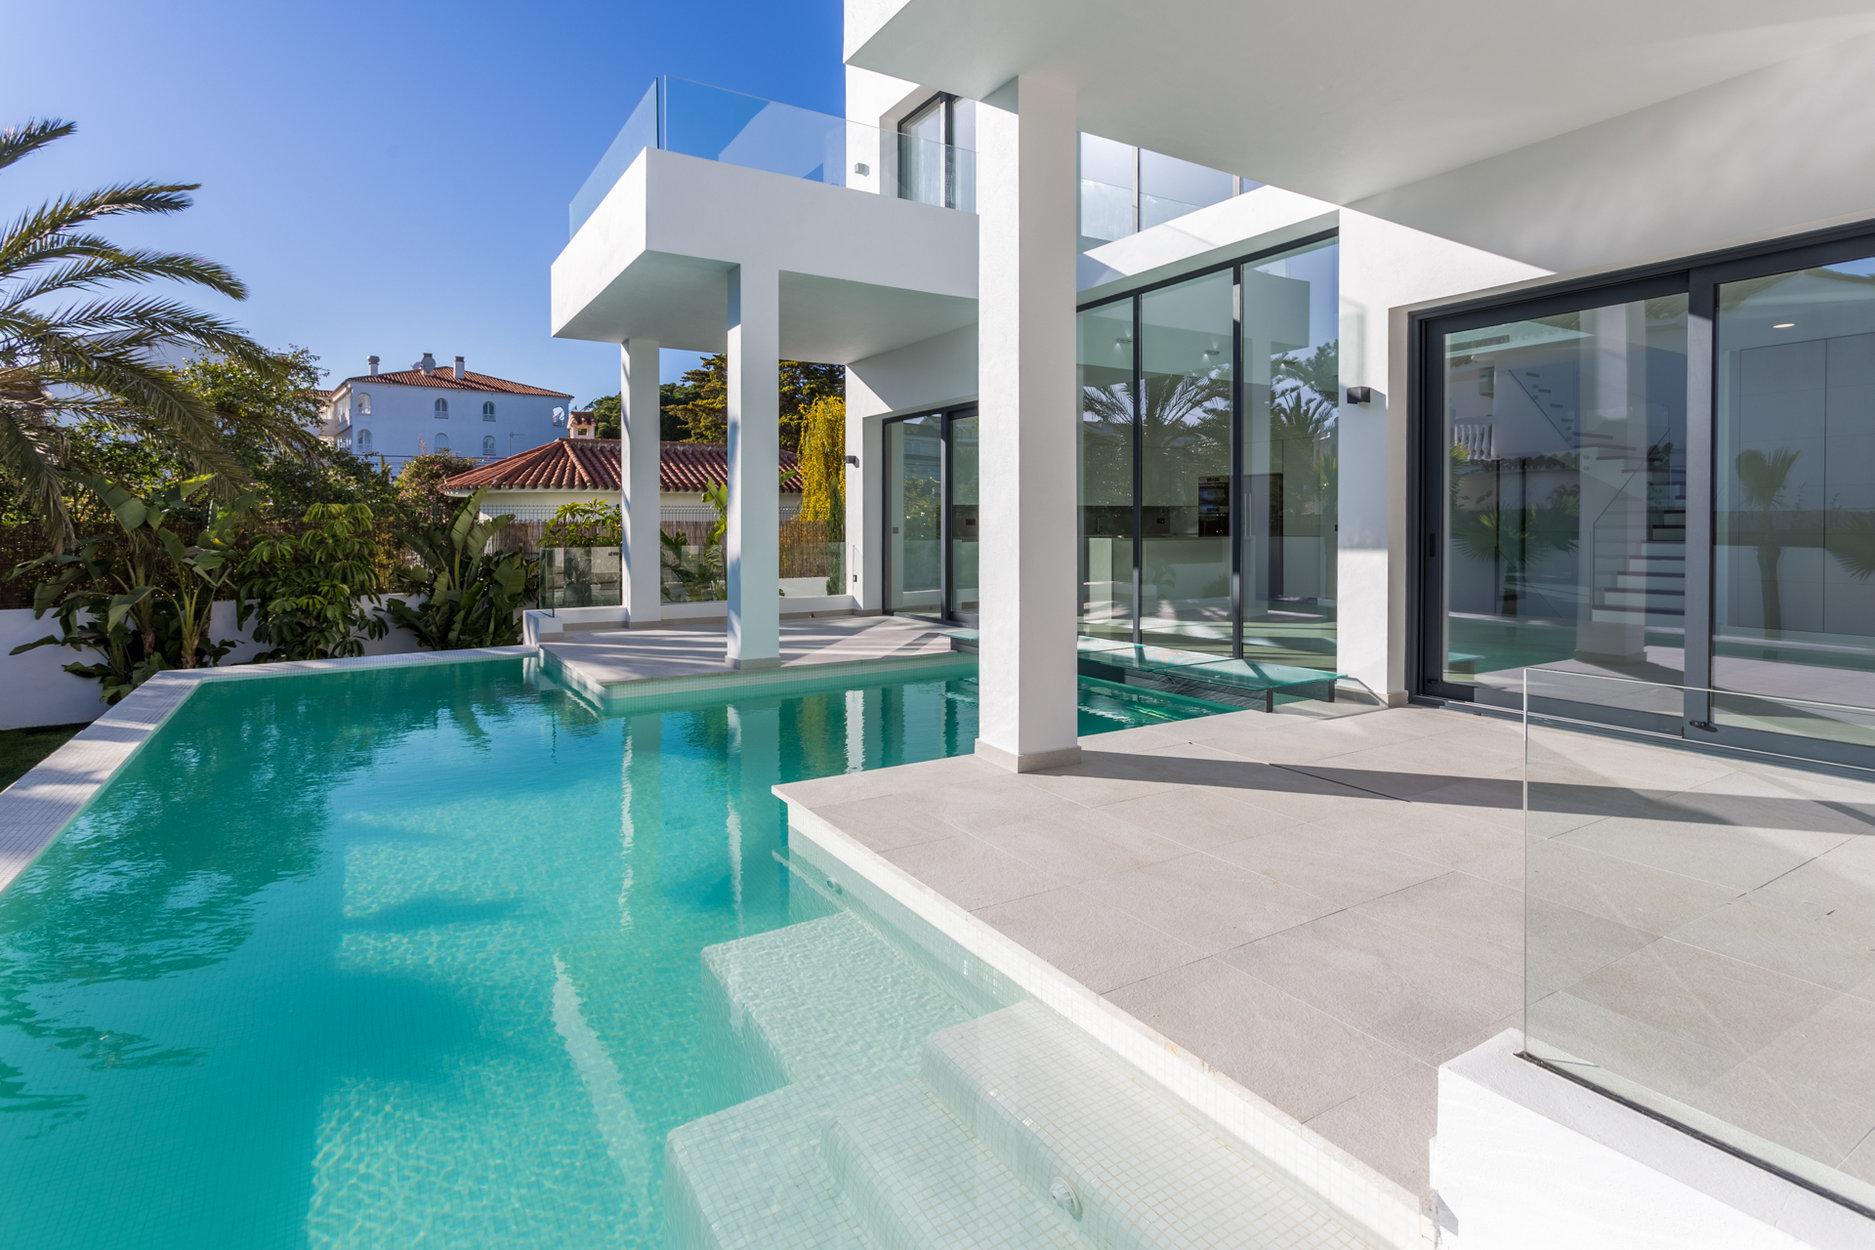 aaaVilla de 5 dormitorios en Marbesa, Marbella | M196638